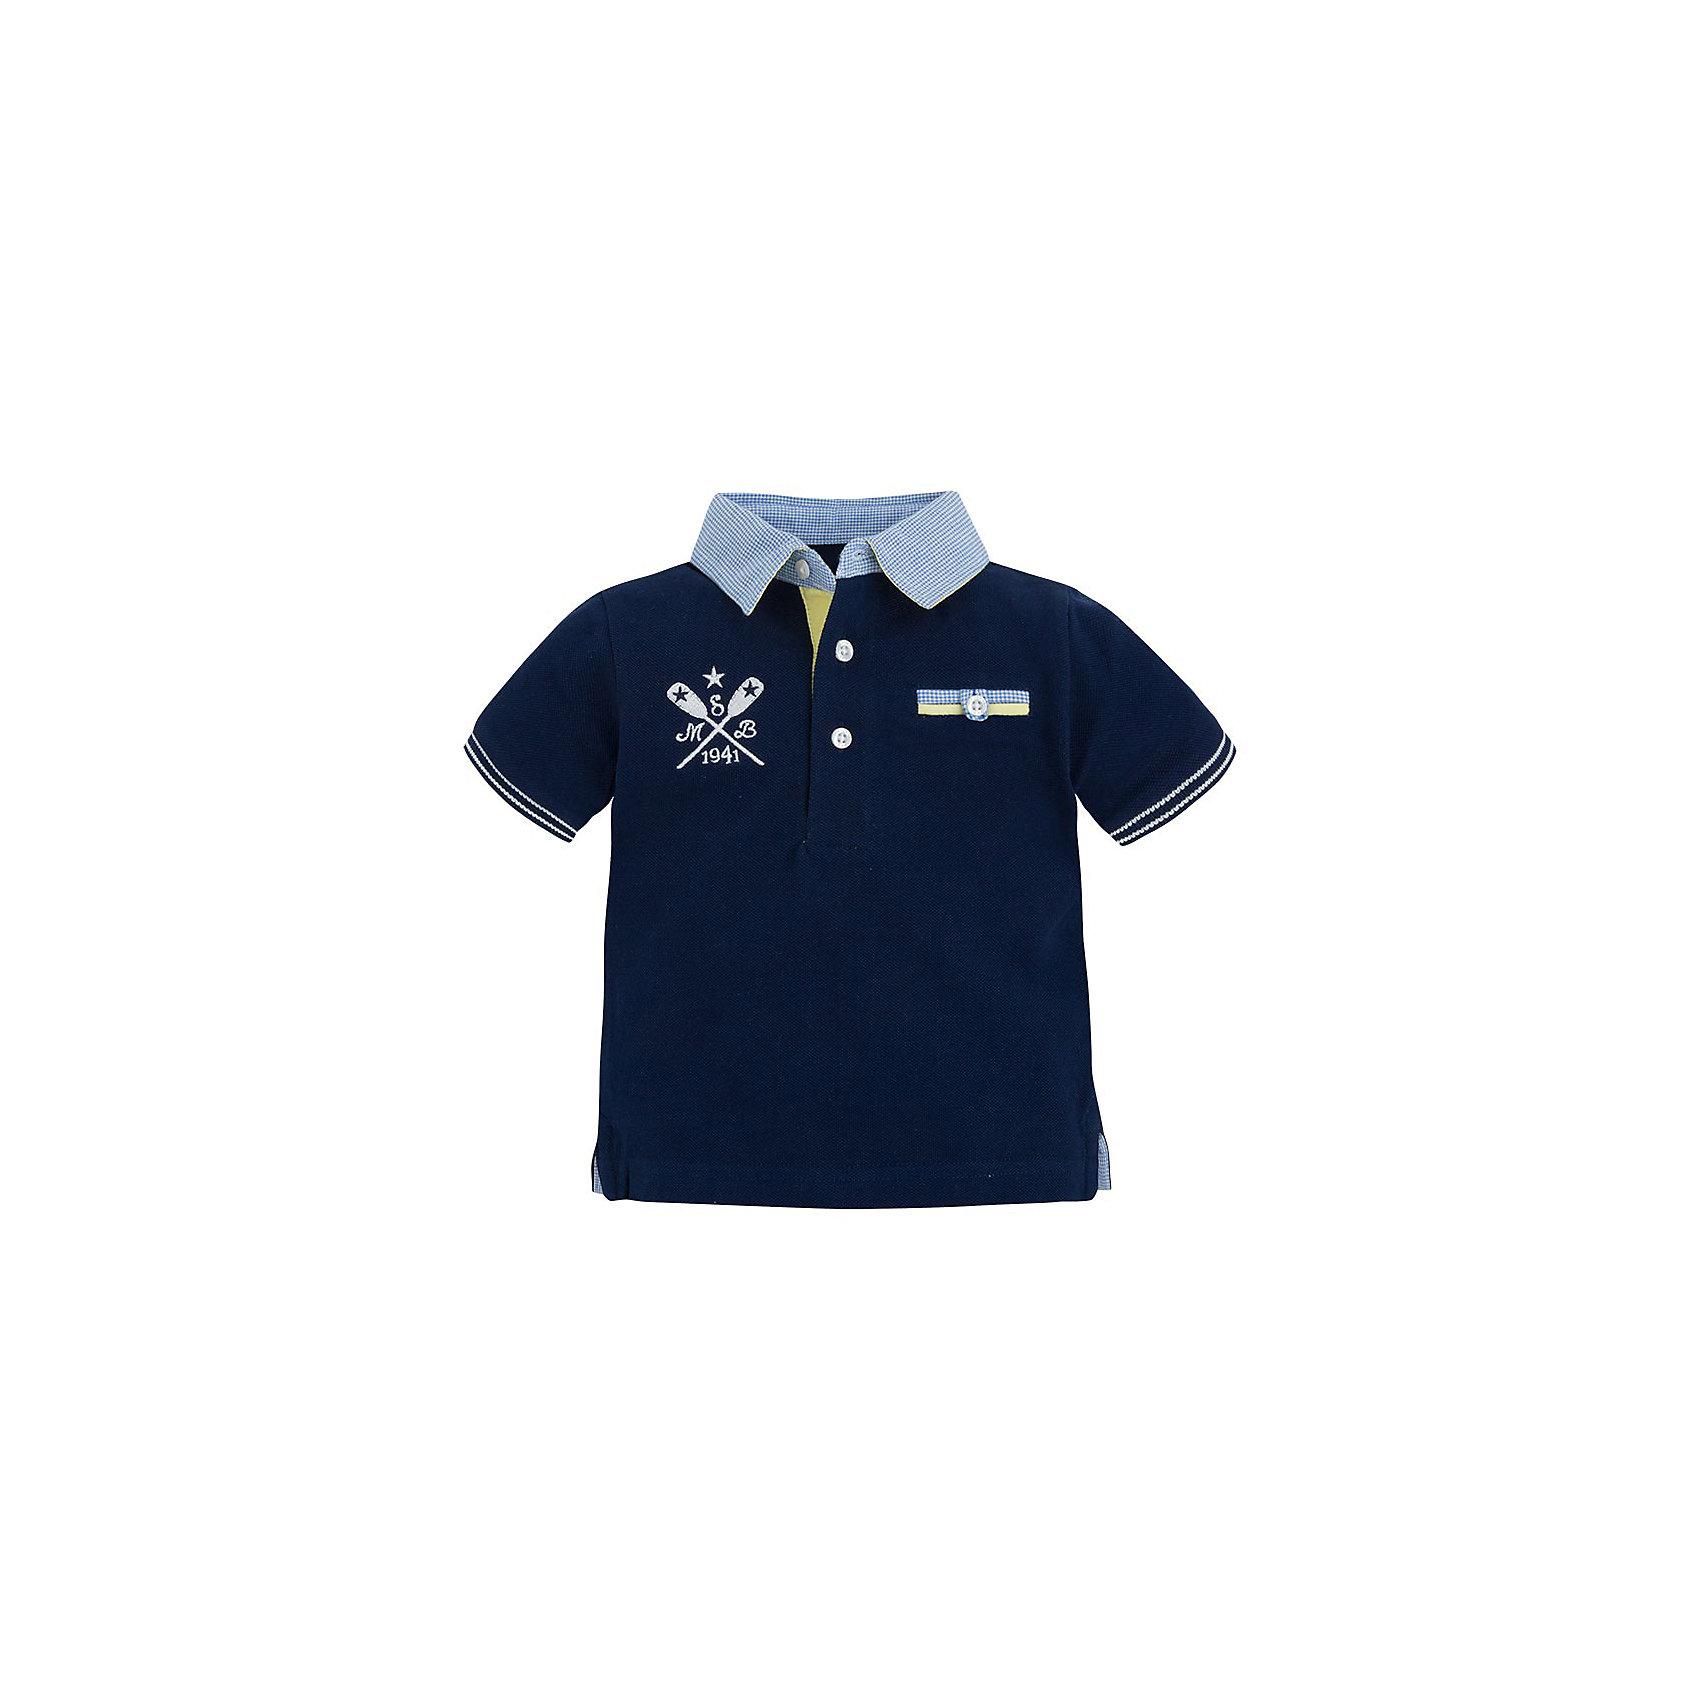 Футболка-поло для мальчика MayoralФутболка-поло для мальчика от популярной испанской марки Mayoral.<br><br>Удобная стильная футболка-поло от бренда Mayoral разработана специально для детей. Удобный крой и качественный материал обеспечит комфорт при ношении этой вещи. Натуральный хлопок в составе изделия делает его дышащим и мягким.<br>Рубашка выполнена в синем цвете, декорирована вышивкой. Отделка рукавов и ворота - голубая. На груди футболка украшена небольшим карманом.<br>Состав: 100% хлопок<br>Уход за изделием:<br>• стирка в машине при температуре до 30°С,<br>• не отбеливать,<br>• гладить на низкой температуре.<br>Габариты:<br>• длина рукава – 10 см,<br>• длина по спине – 33 см<br><br>*Числовые параметры соответствуют росту 74<br>Футболку-поло для мальчика Mayoral (Майорал) можно купить в нашем магазине.<br><br>Ширина мм: 199<br>Глубина мм: 10<br>Высота мм: 161<br>Вес г: 151<br>Цвет: синий<br>Возраст от месяцев: 12<br>Возраст до месяцев: 12<br>Пол: Мужской<br>Возраст: Детский<br>Размер: 80,74,92,86<br>SKU: 4069591